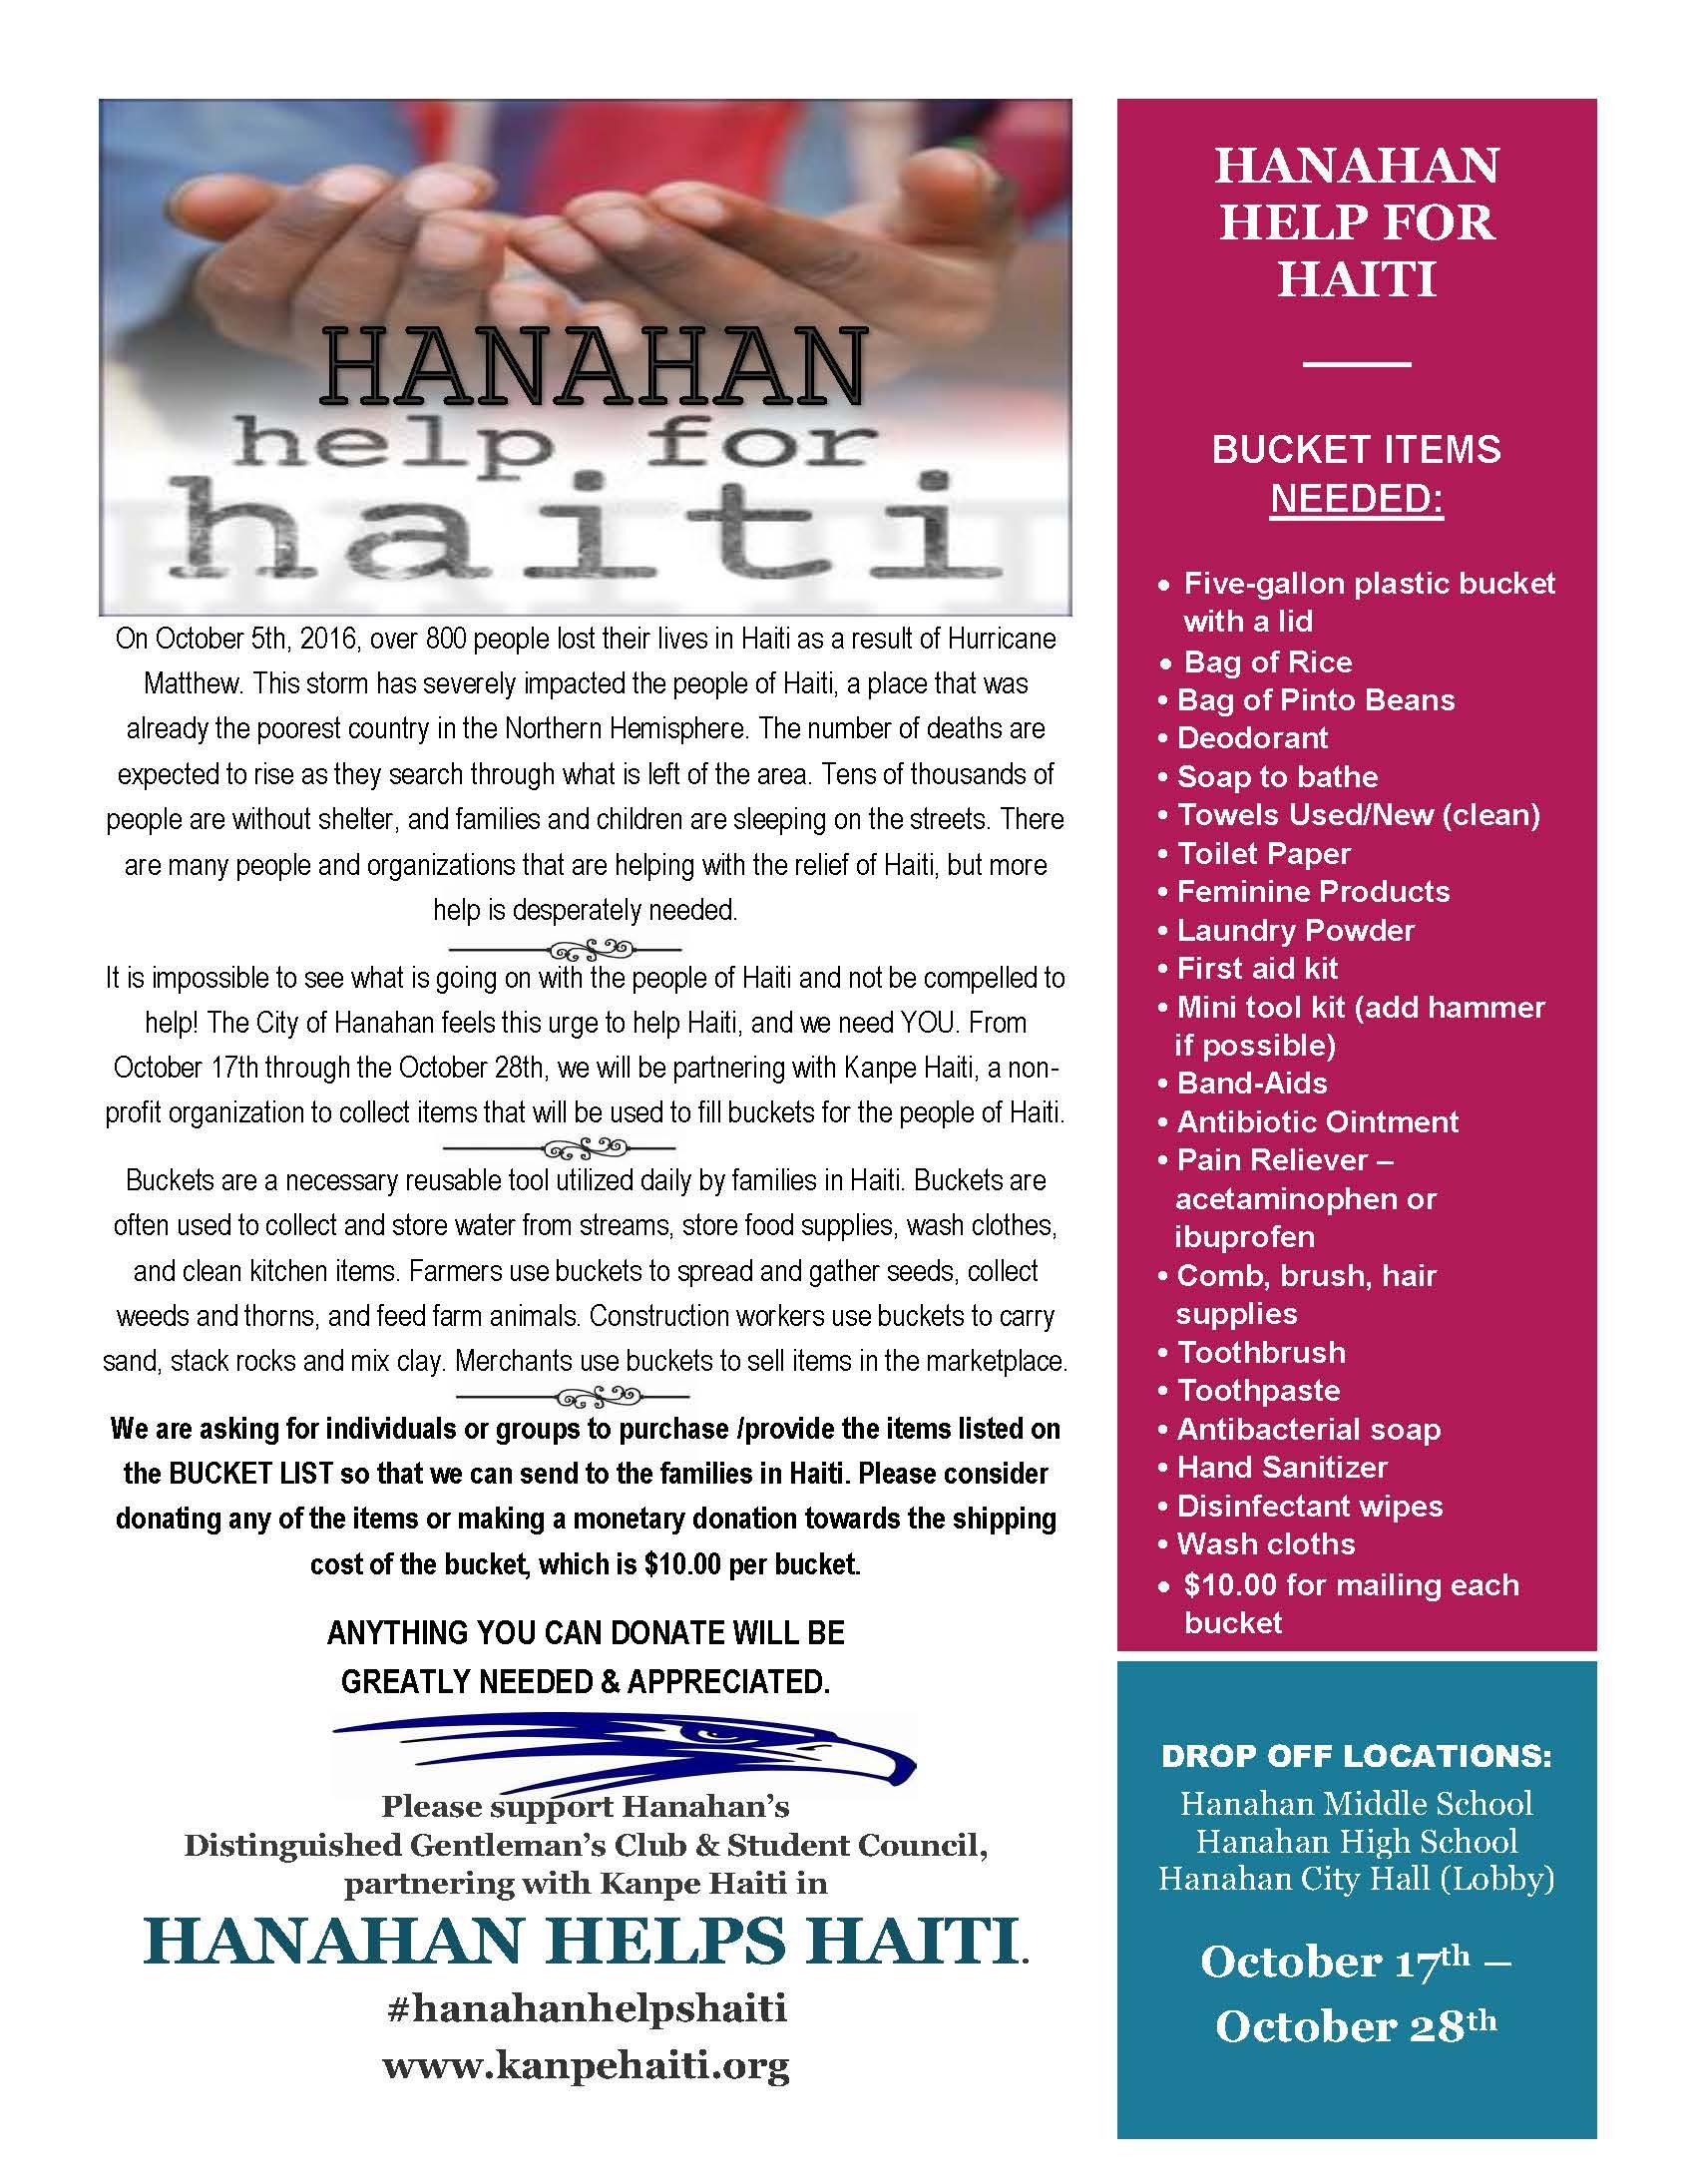 hanahan-helping-haiti-flyer